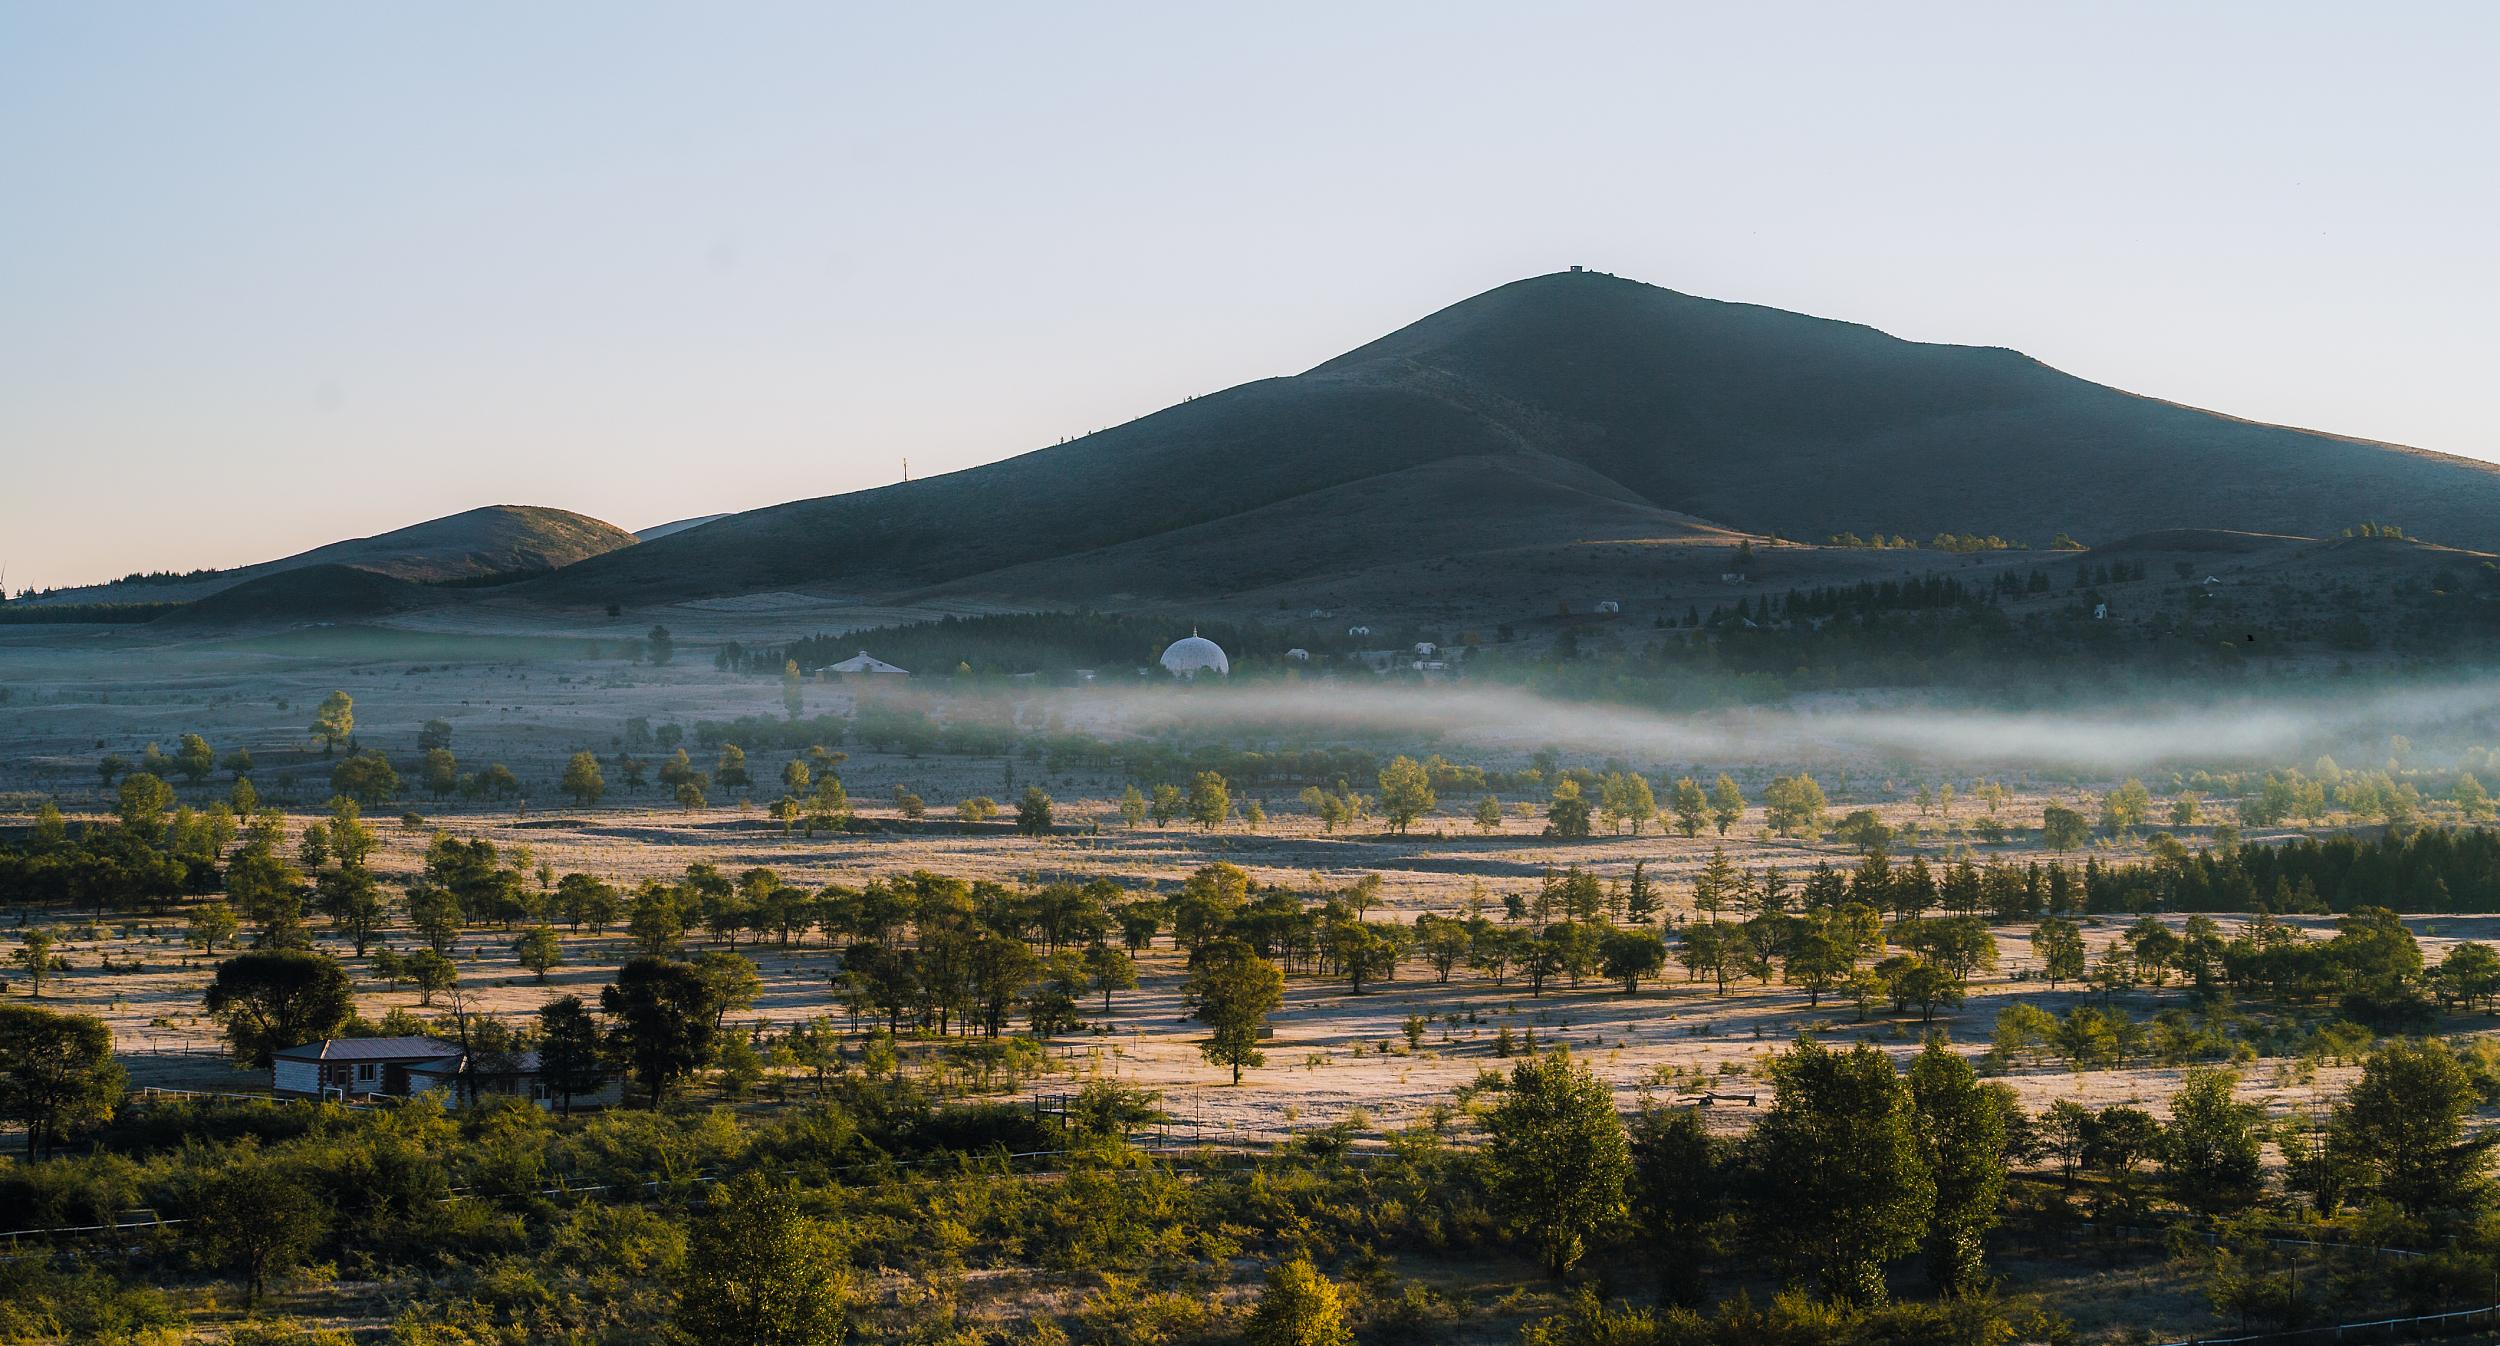 3月中国气温东高西低 京津冀中下旬或持续重污染天气